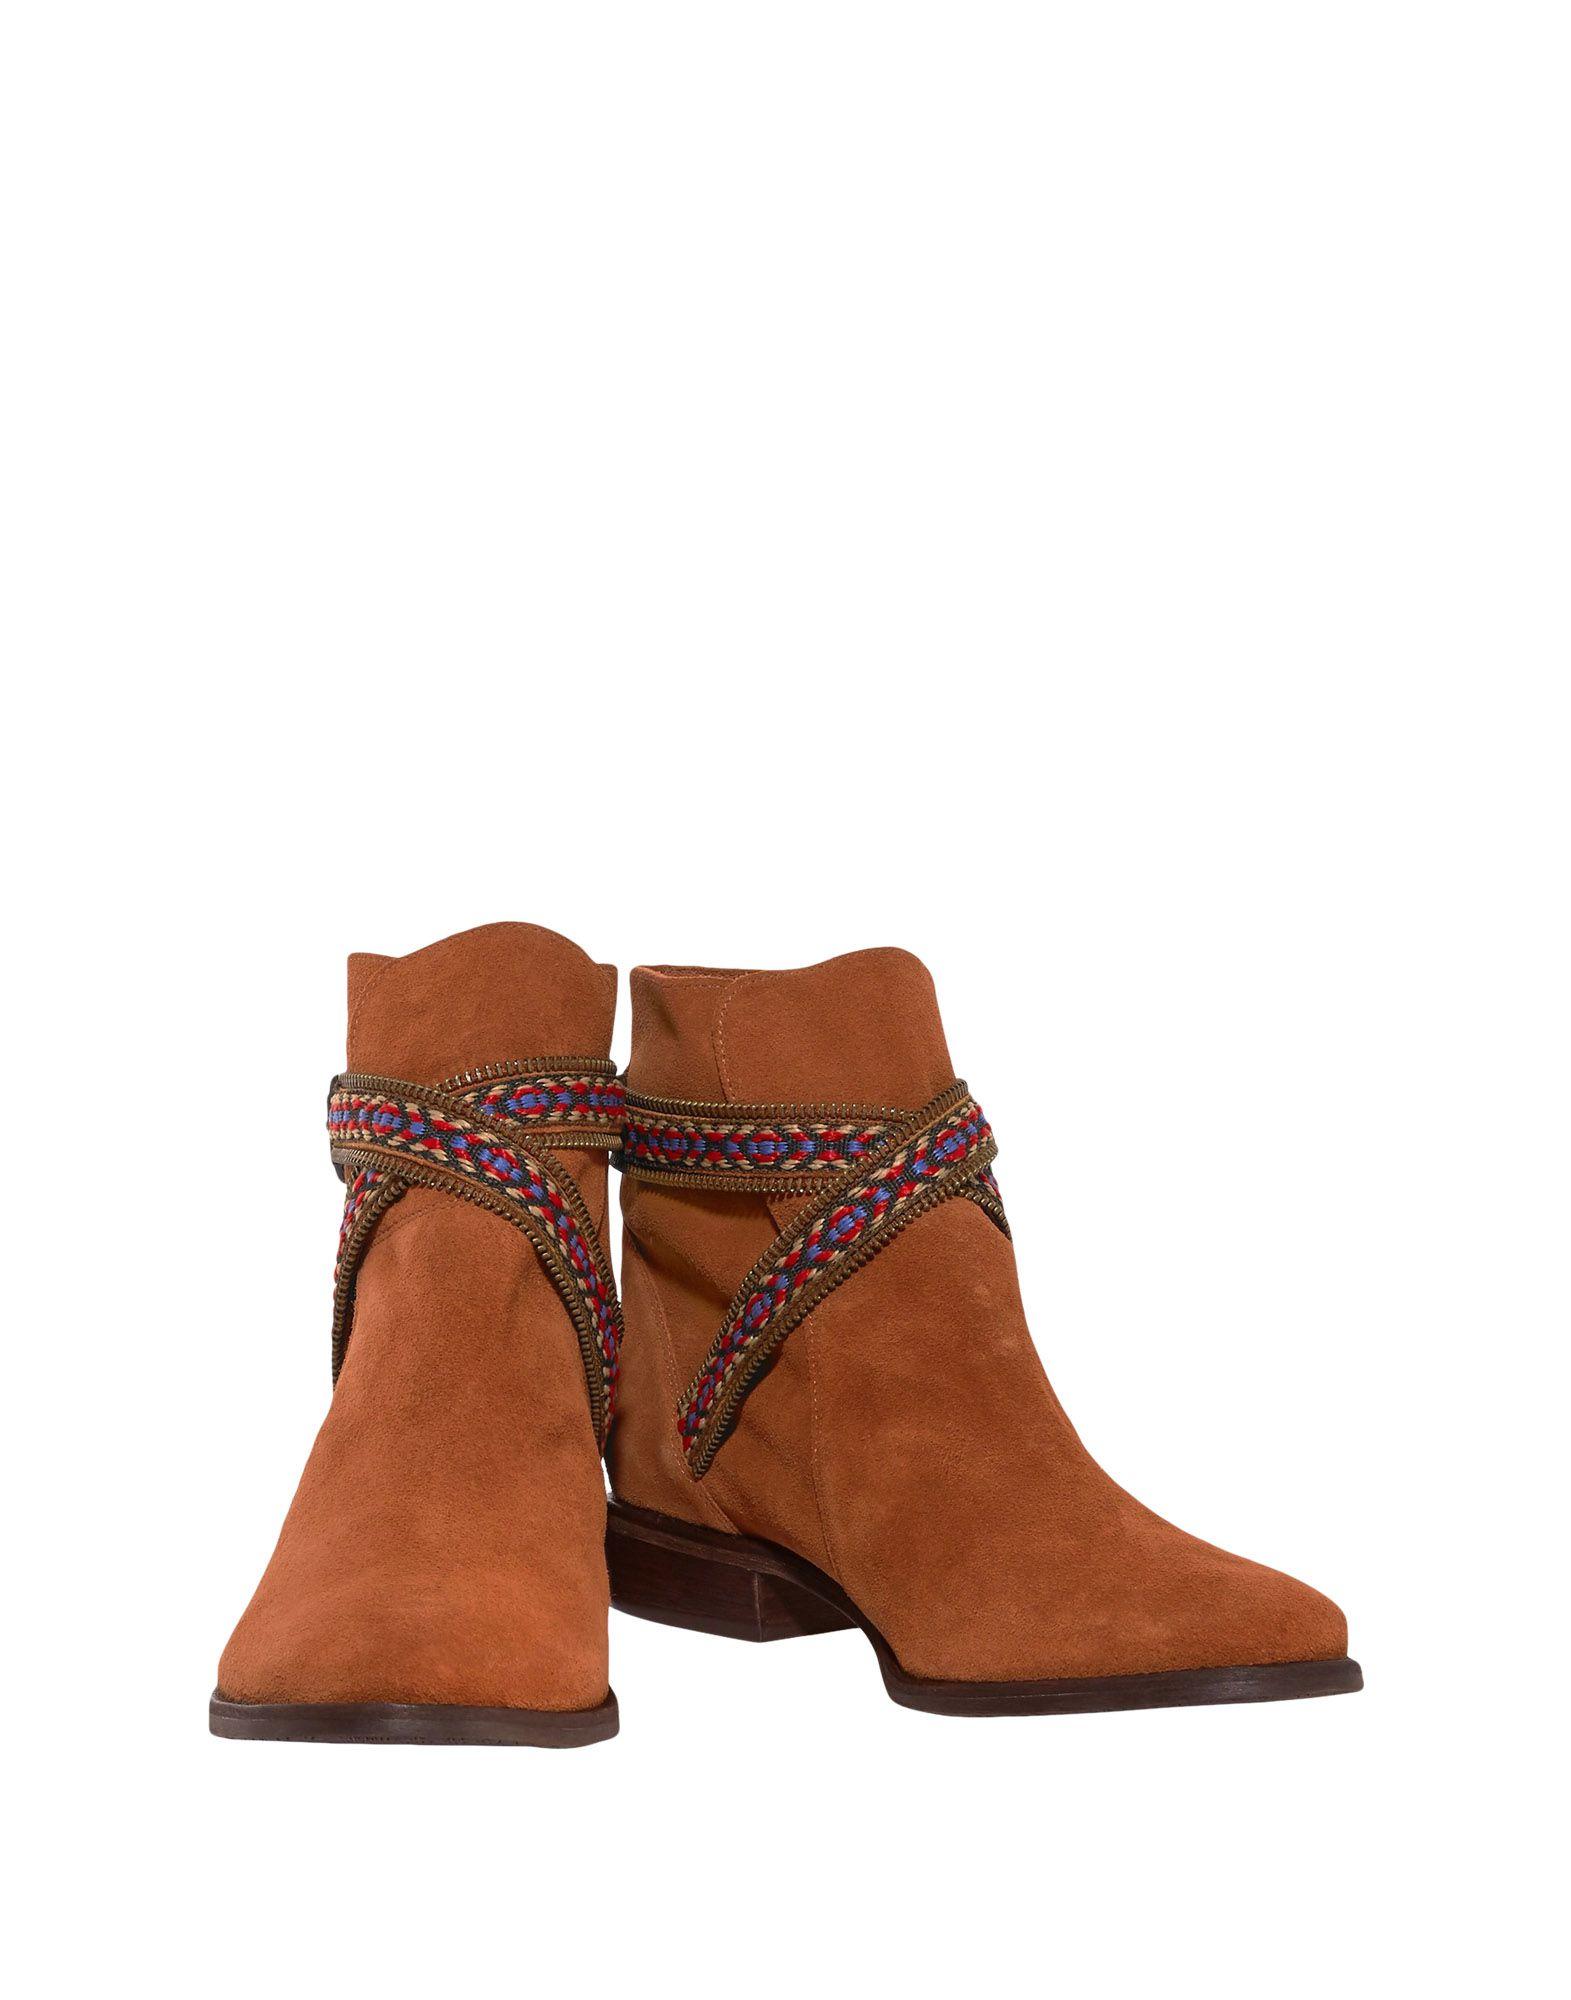 Stilvolle billige Schuhe Damen Schutz Stiefelette Damen Schuhe  11524514QE d8f004